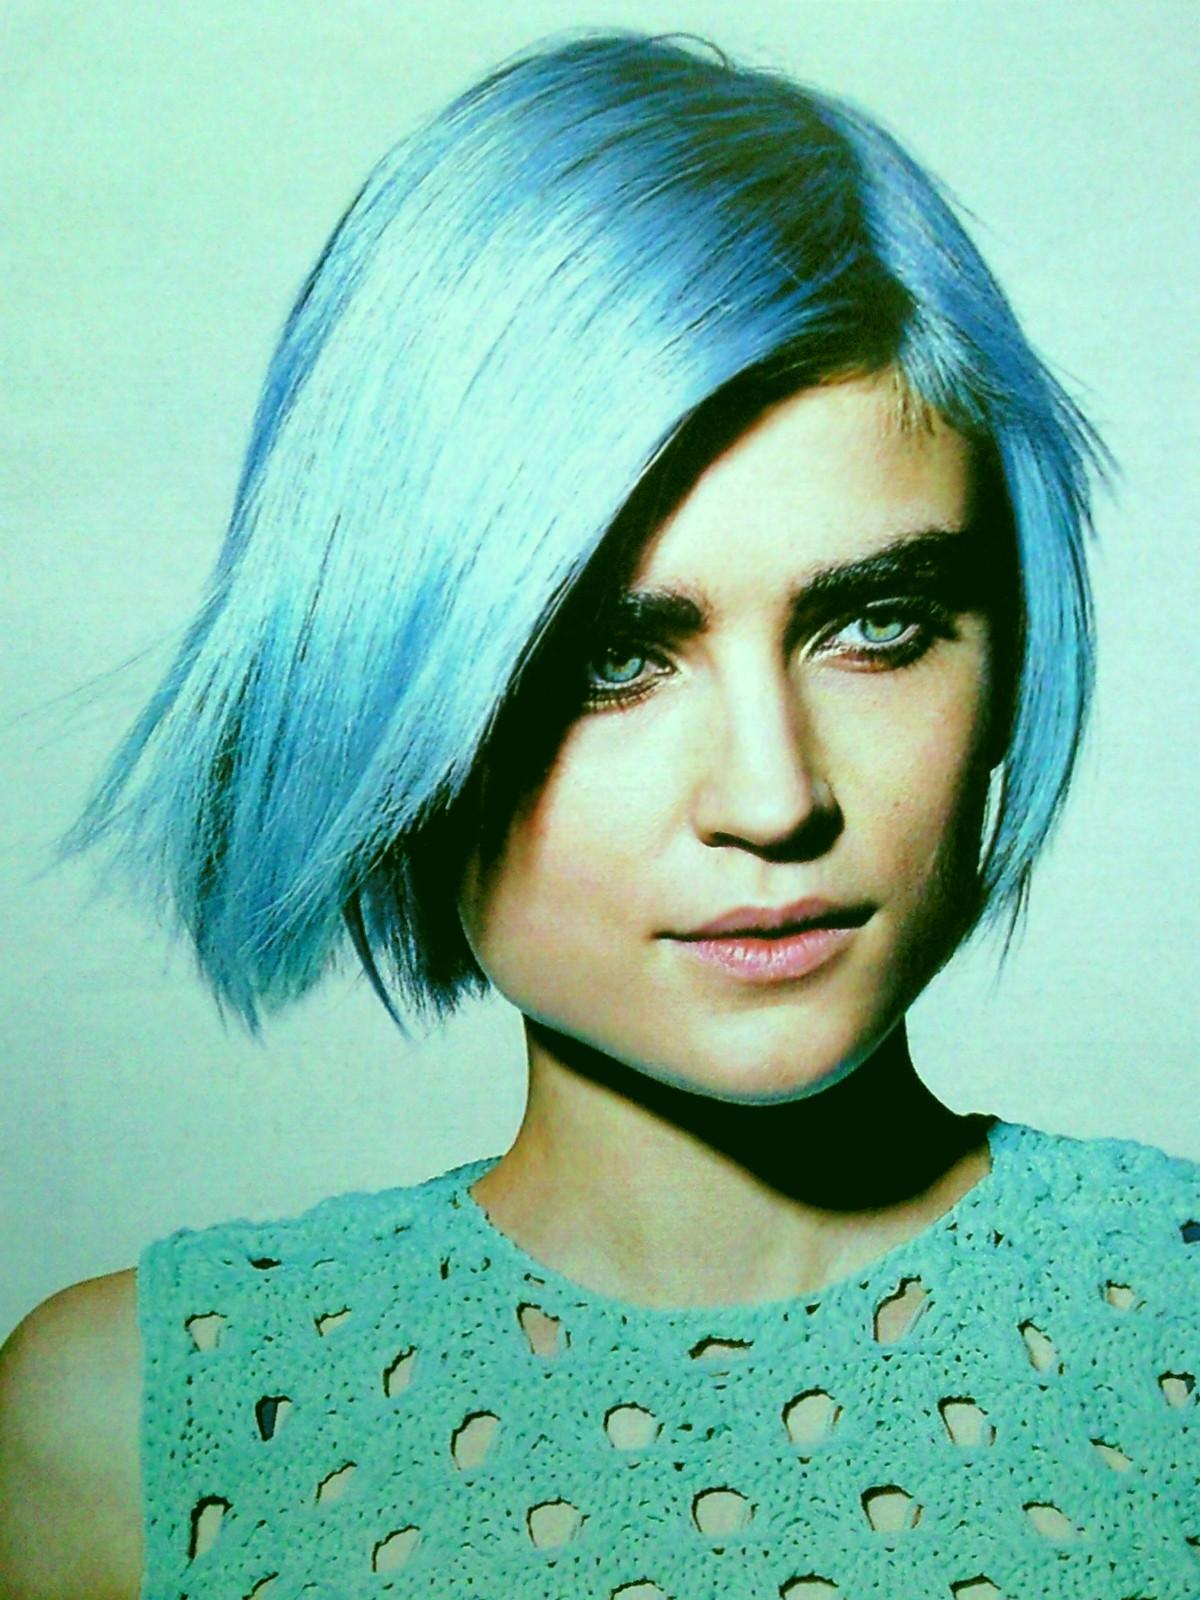 Baño Color Azul Pelo:Cabello: Una locura: Baño de color o tinte ~ Con algo de Estilo